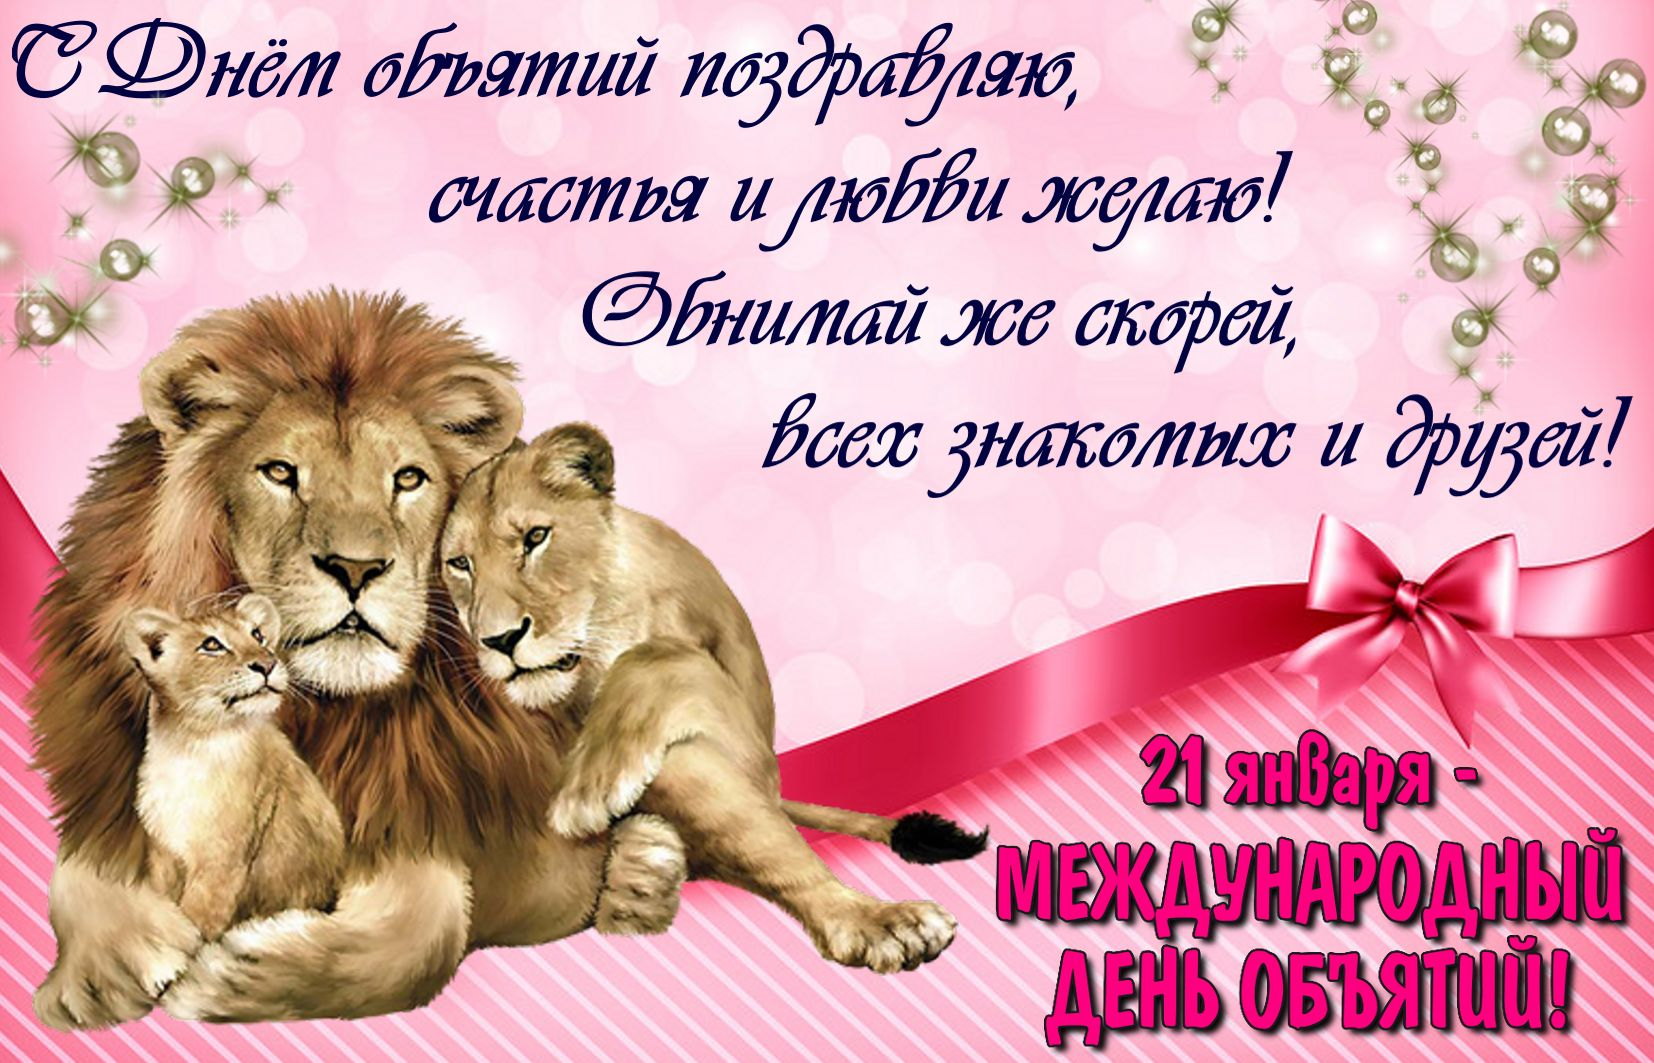 Открытка со львами на Международный день объятий